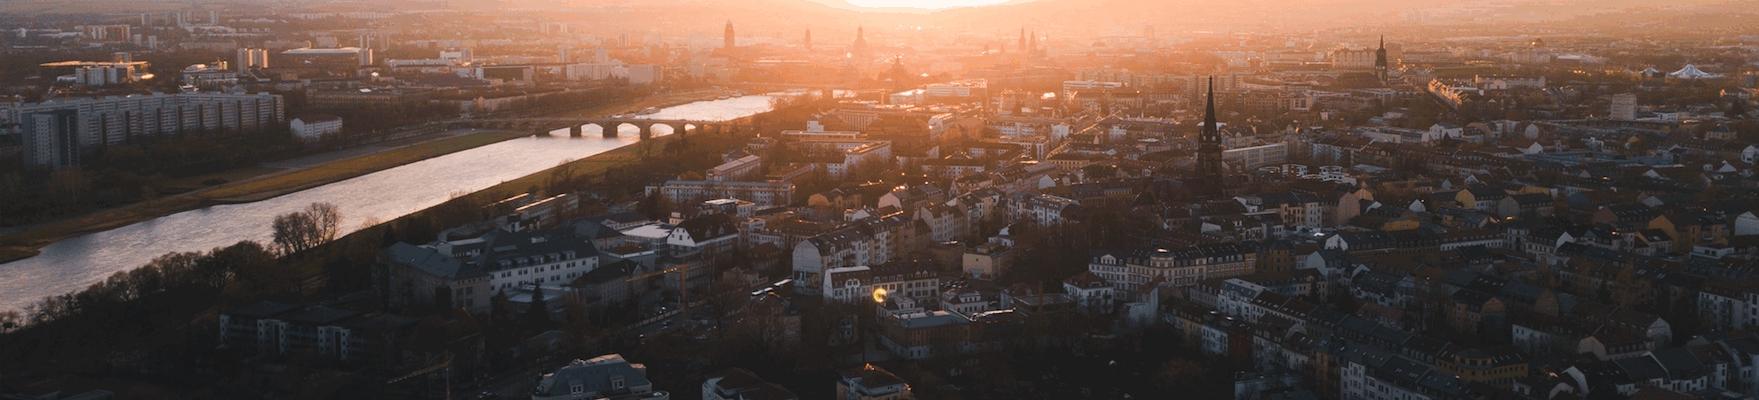 Lustige Stadtrundfahrt in sächischer Mundart Dresden  23.11.